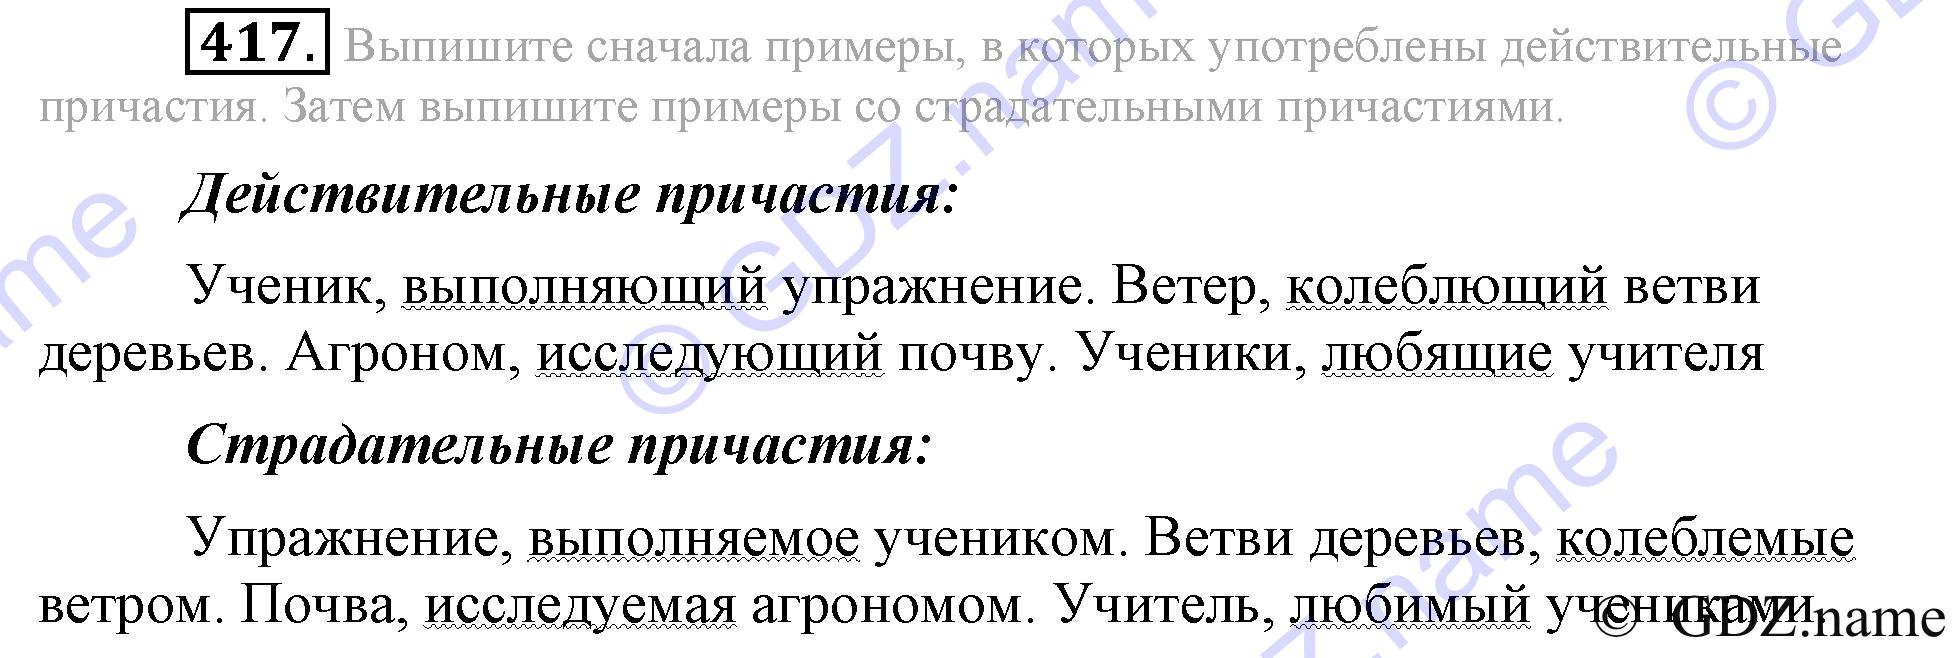 Русский язык 7 класс ашурова скчать гдз